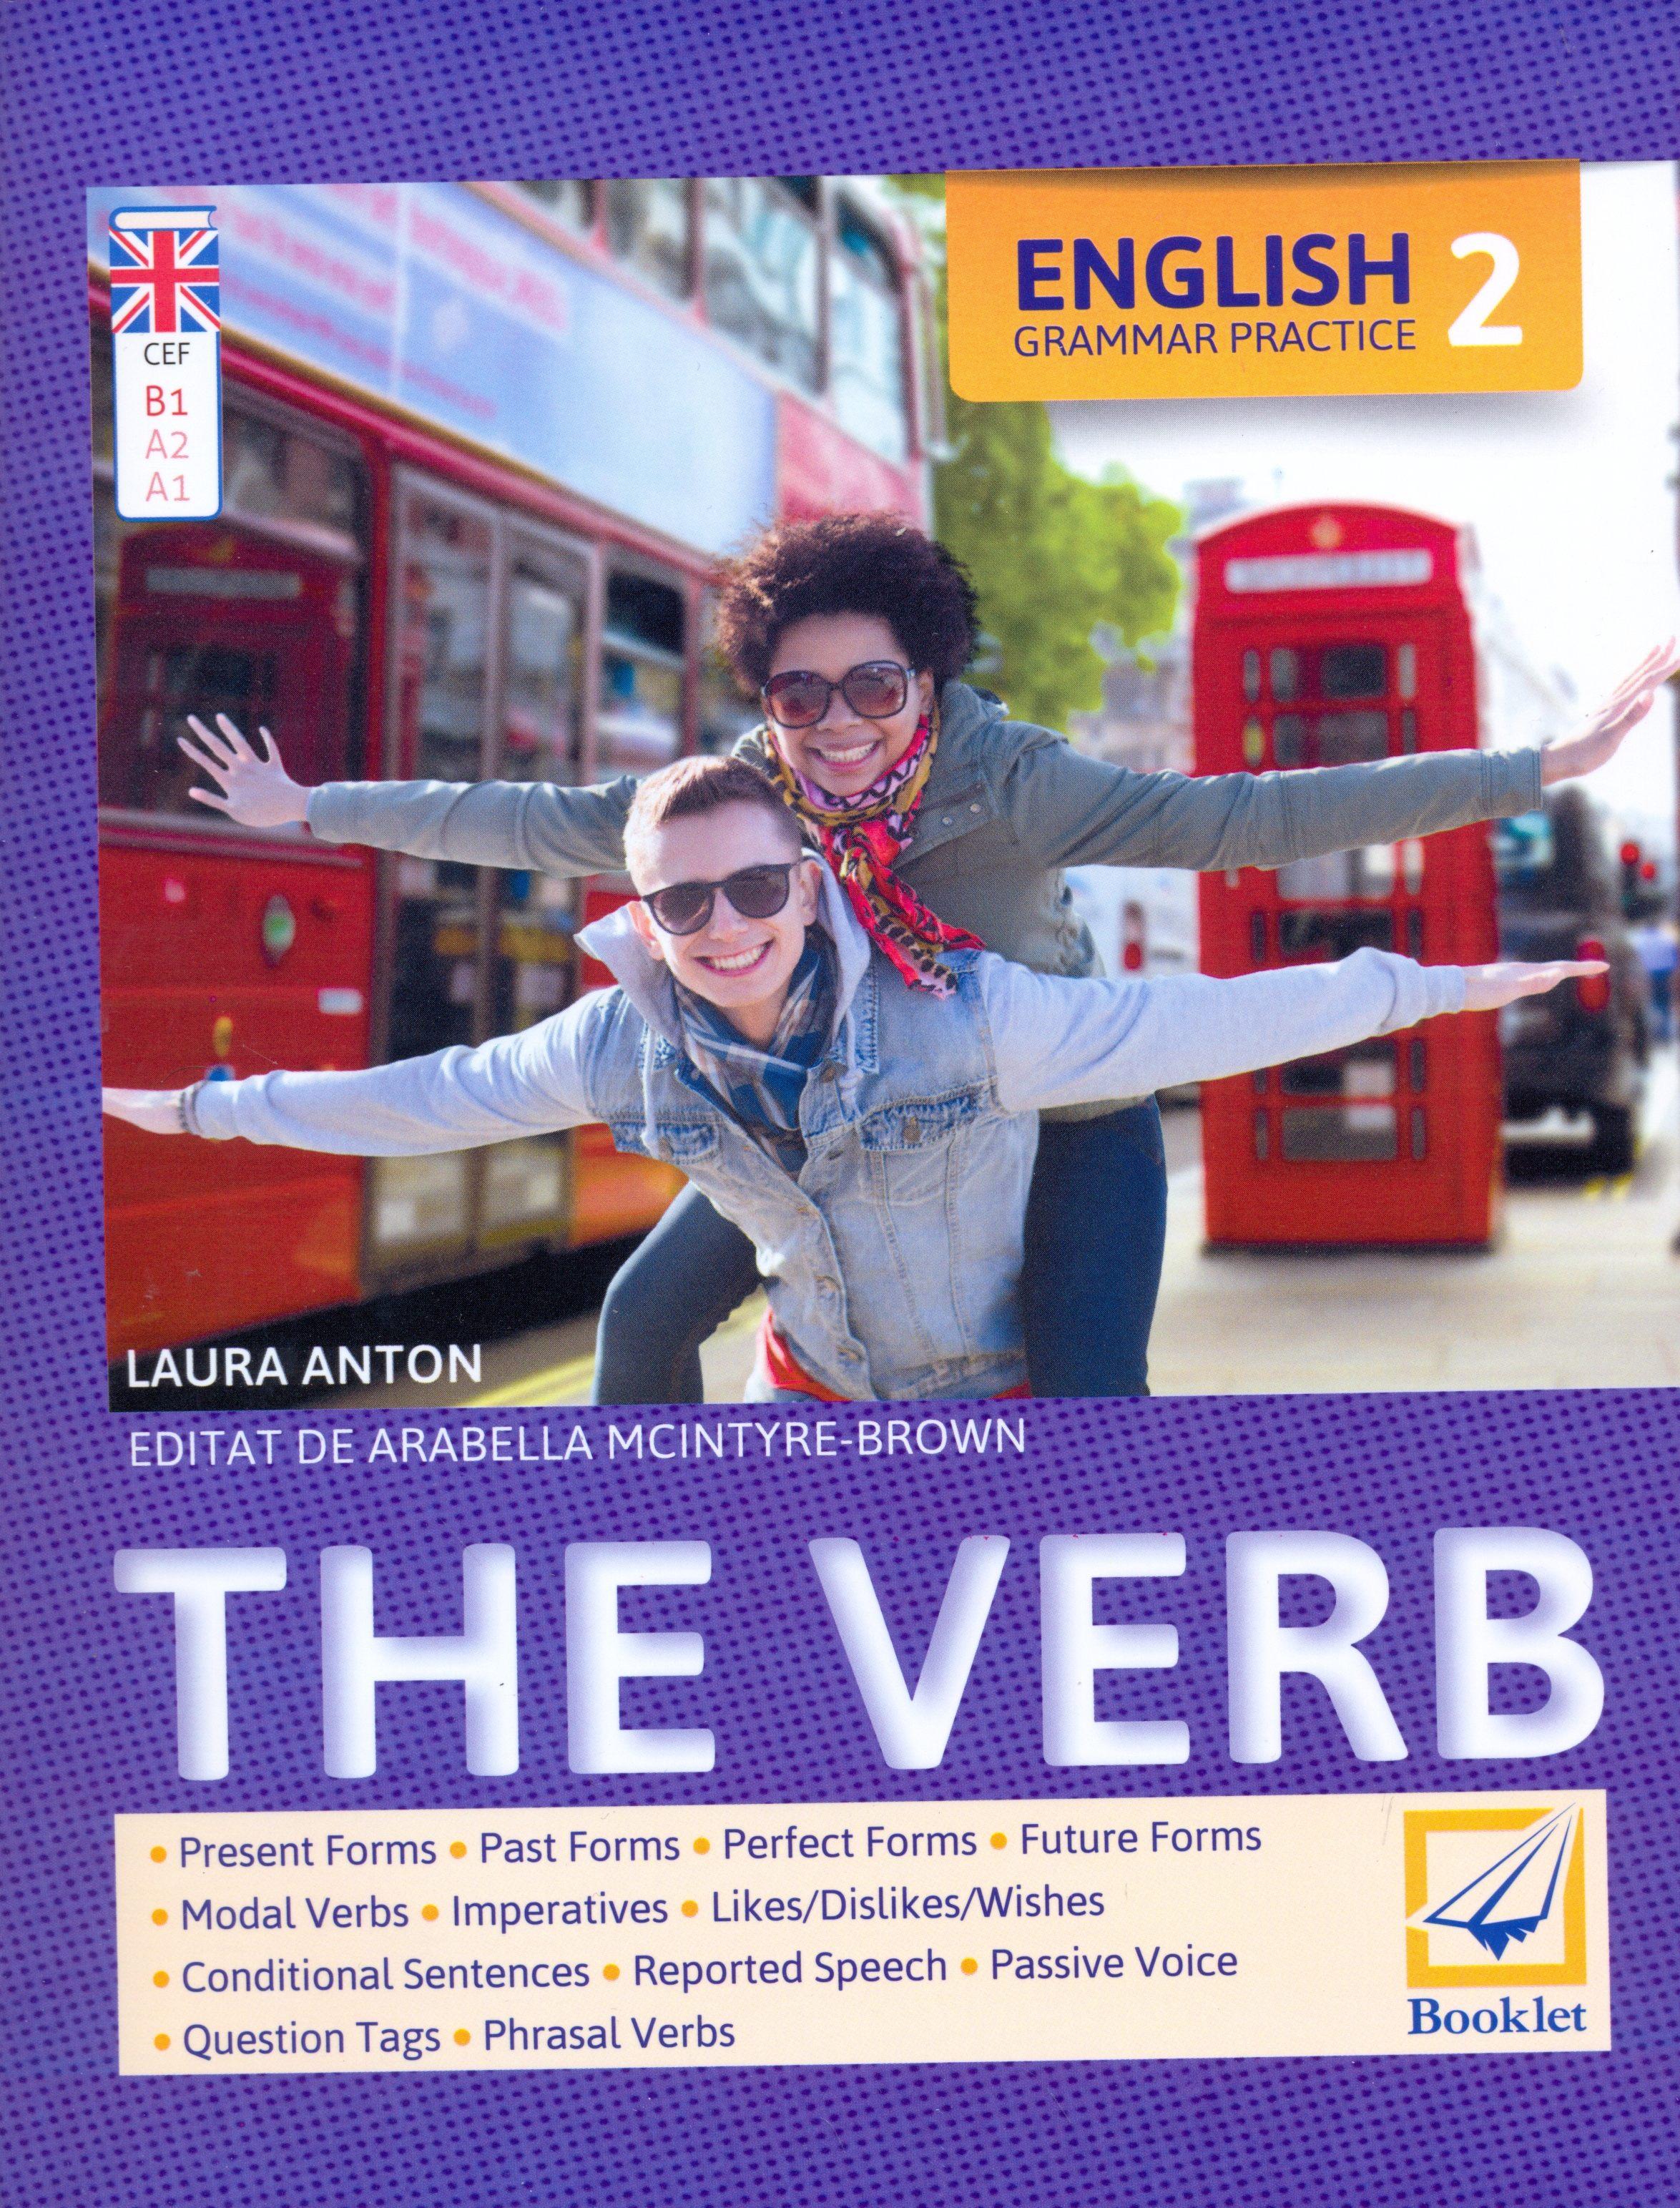 Imagine English Grammar Practice 2 - The Verb - Laura Anton